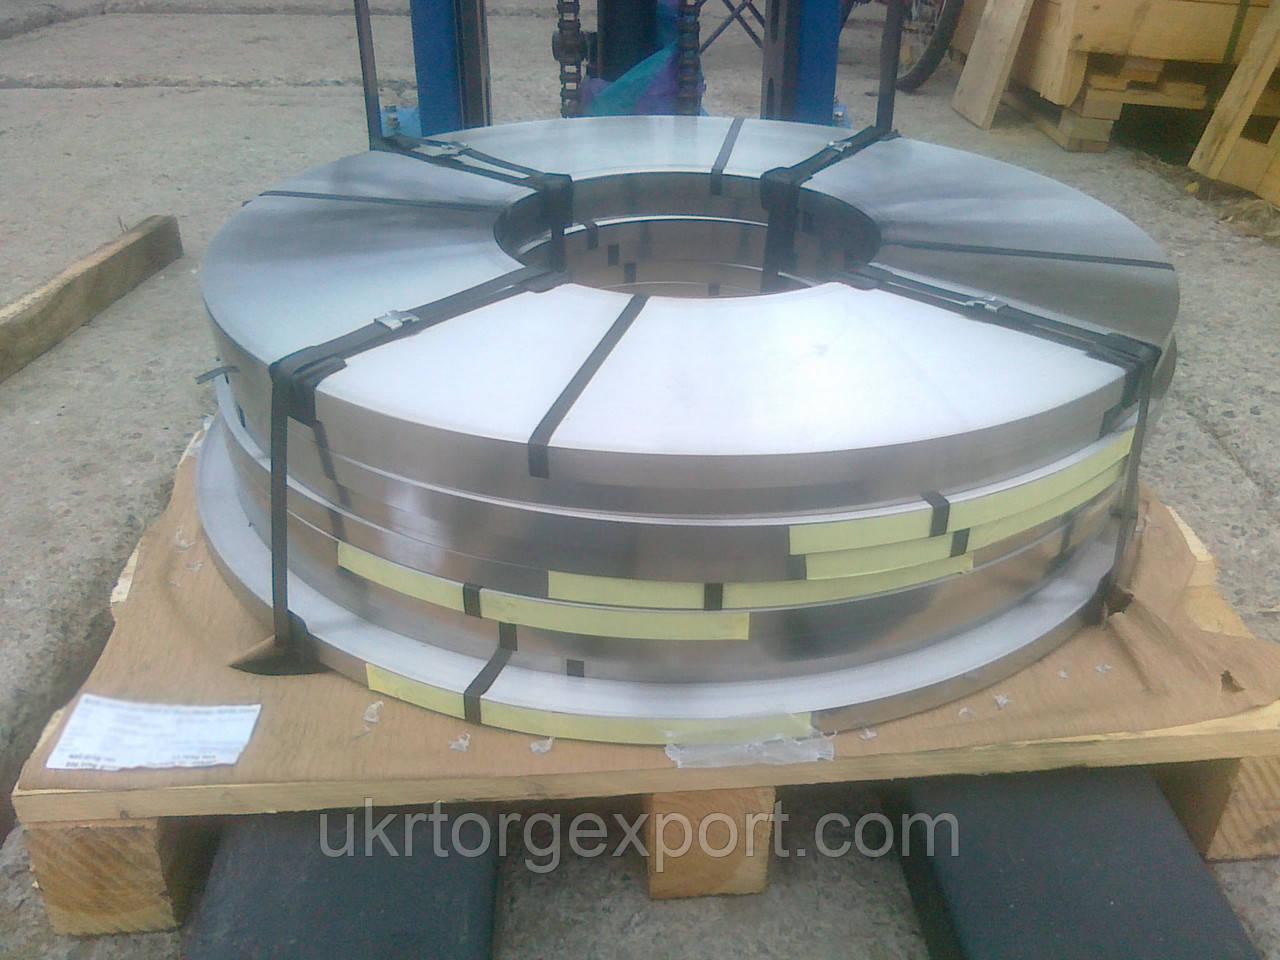 Нержавеющая  стальная лента 0,30мм*400мм материал: 1,4310 (AISI 301, 12Х18Н9 ) нагартованная (твёрдая)